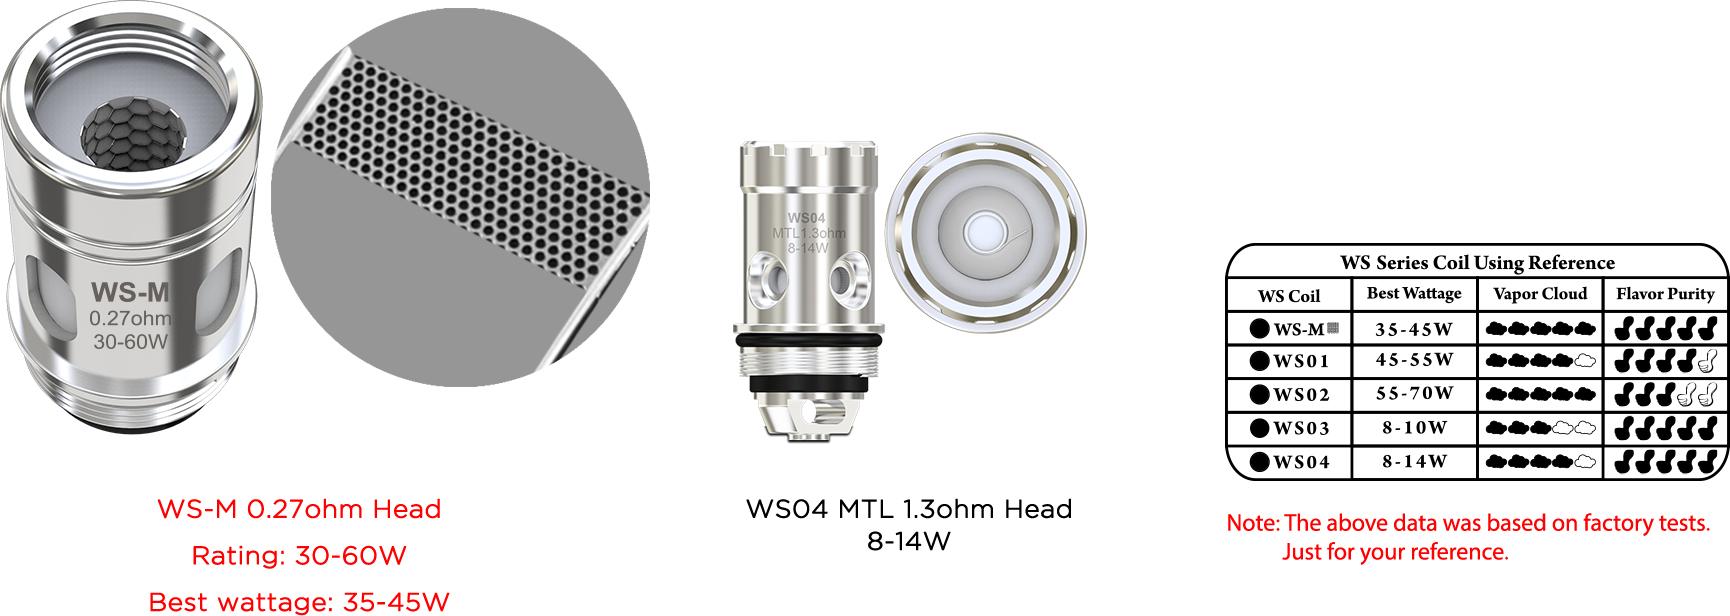 Nová žhavící hlava pro Wismec Sinuous V80